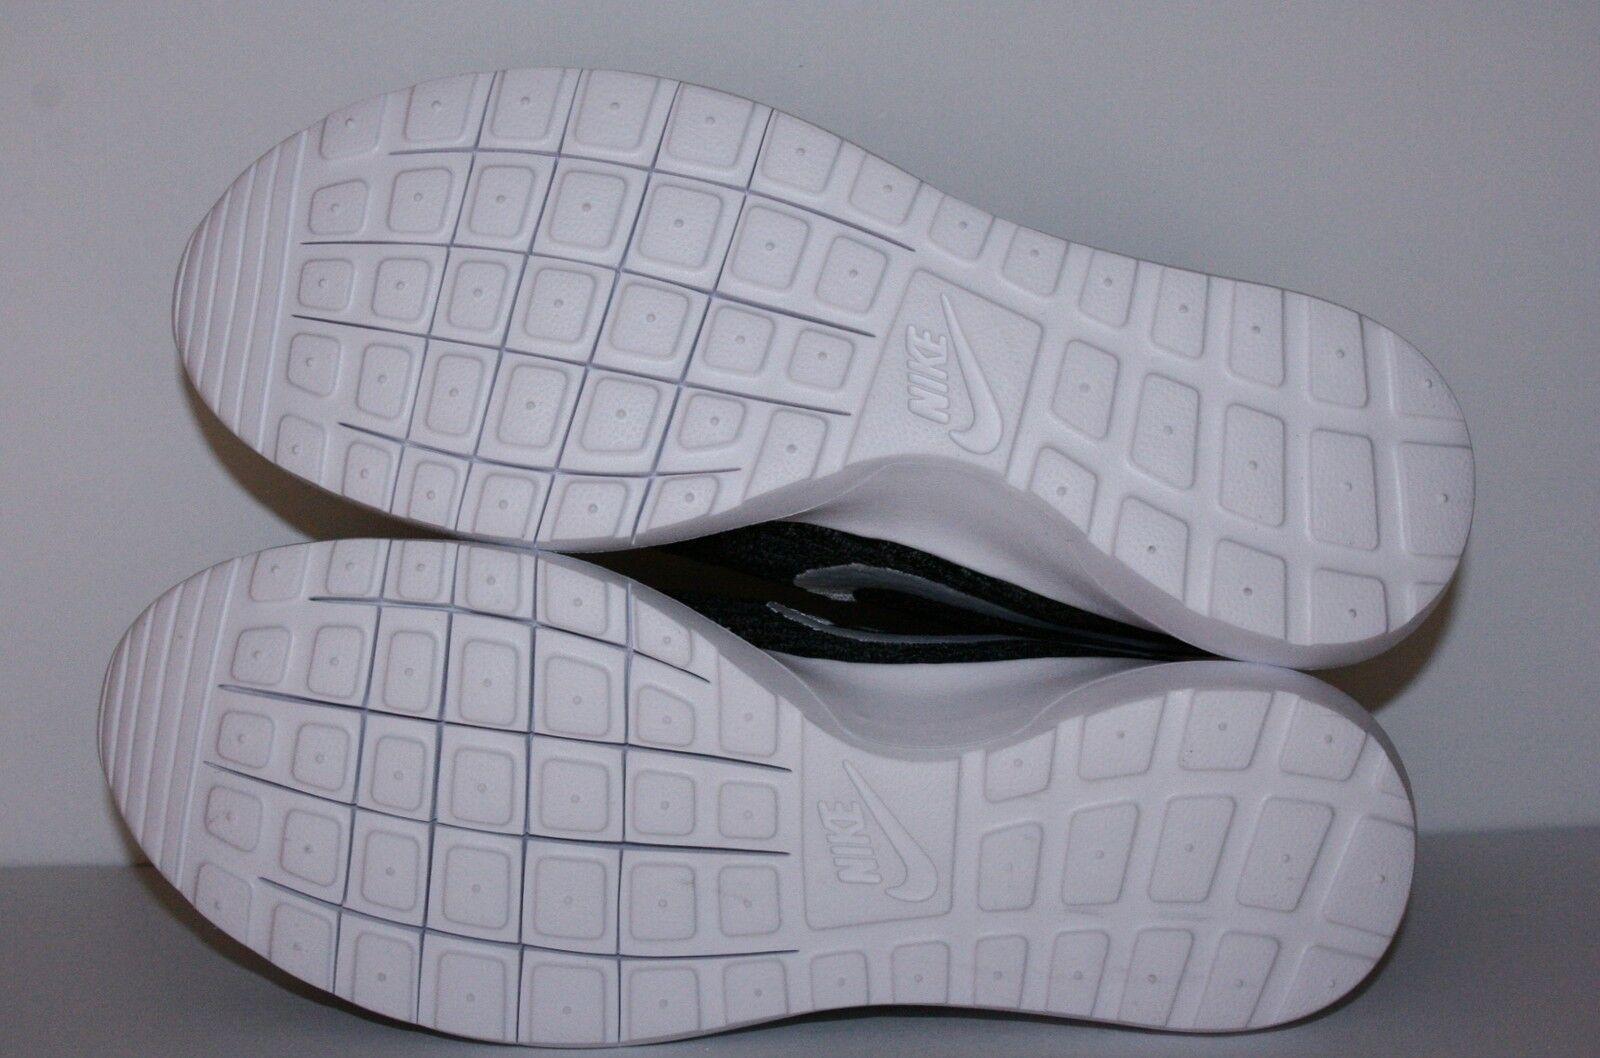 Auténtico Nike Roshe Run NM Flyknit Gris Oscuro Blanco Blanco Blanco y Negro 677243 010 Hombre c1be16